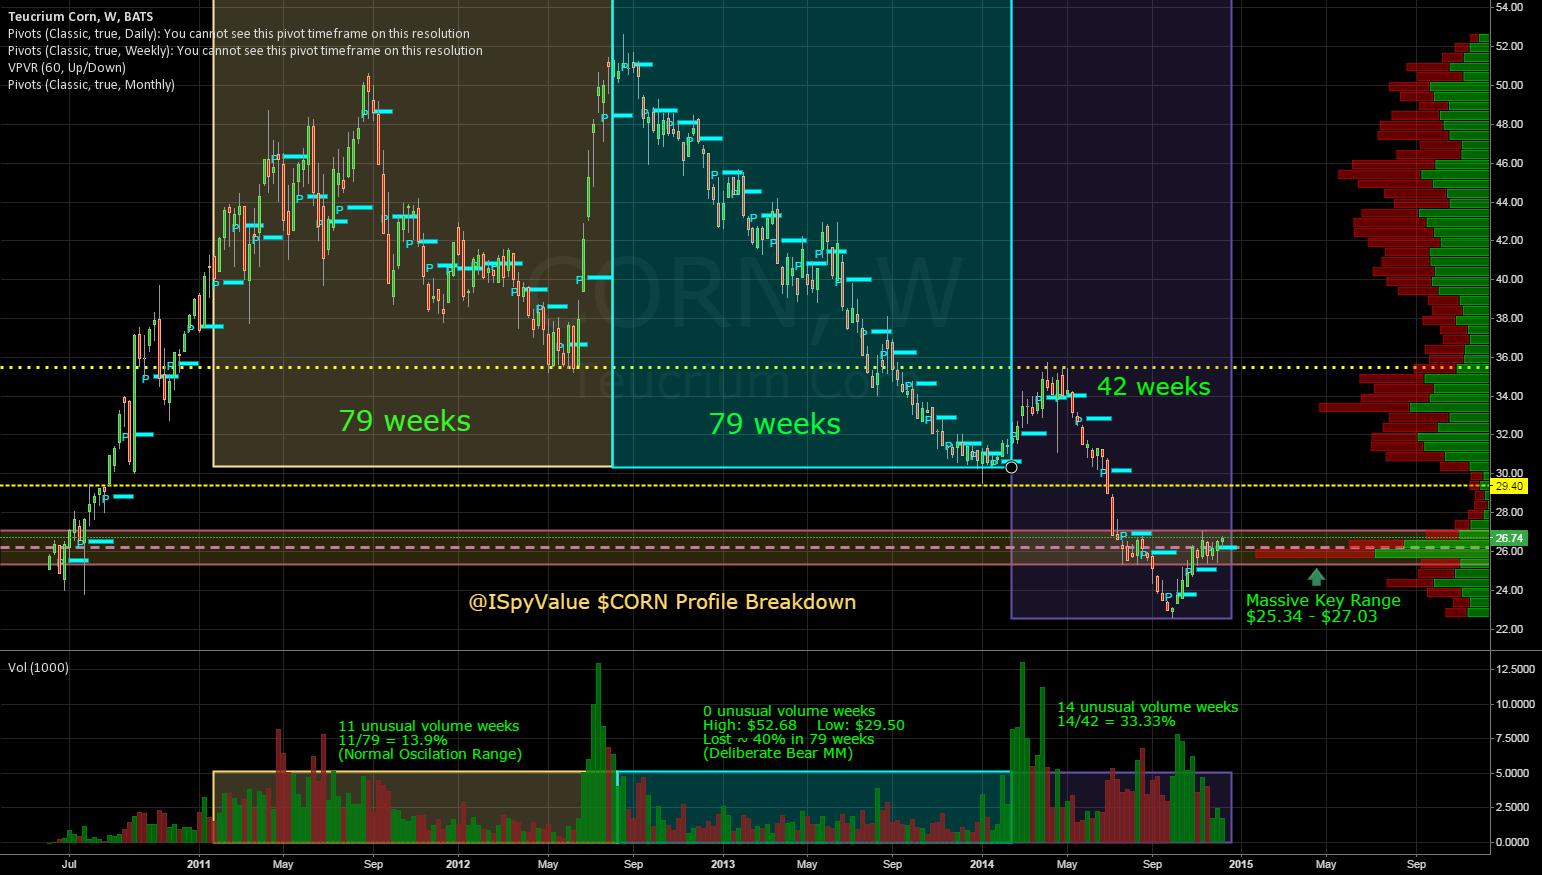 @ISpyValue $CORN Profile Breakdown